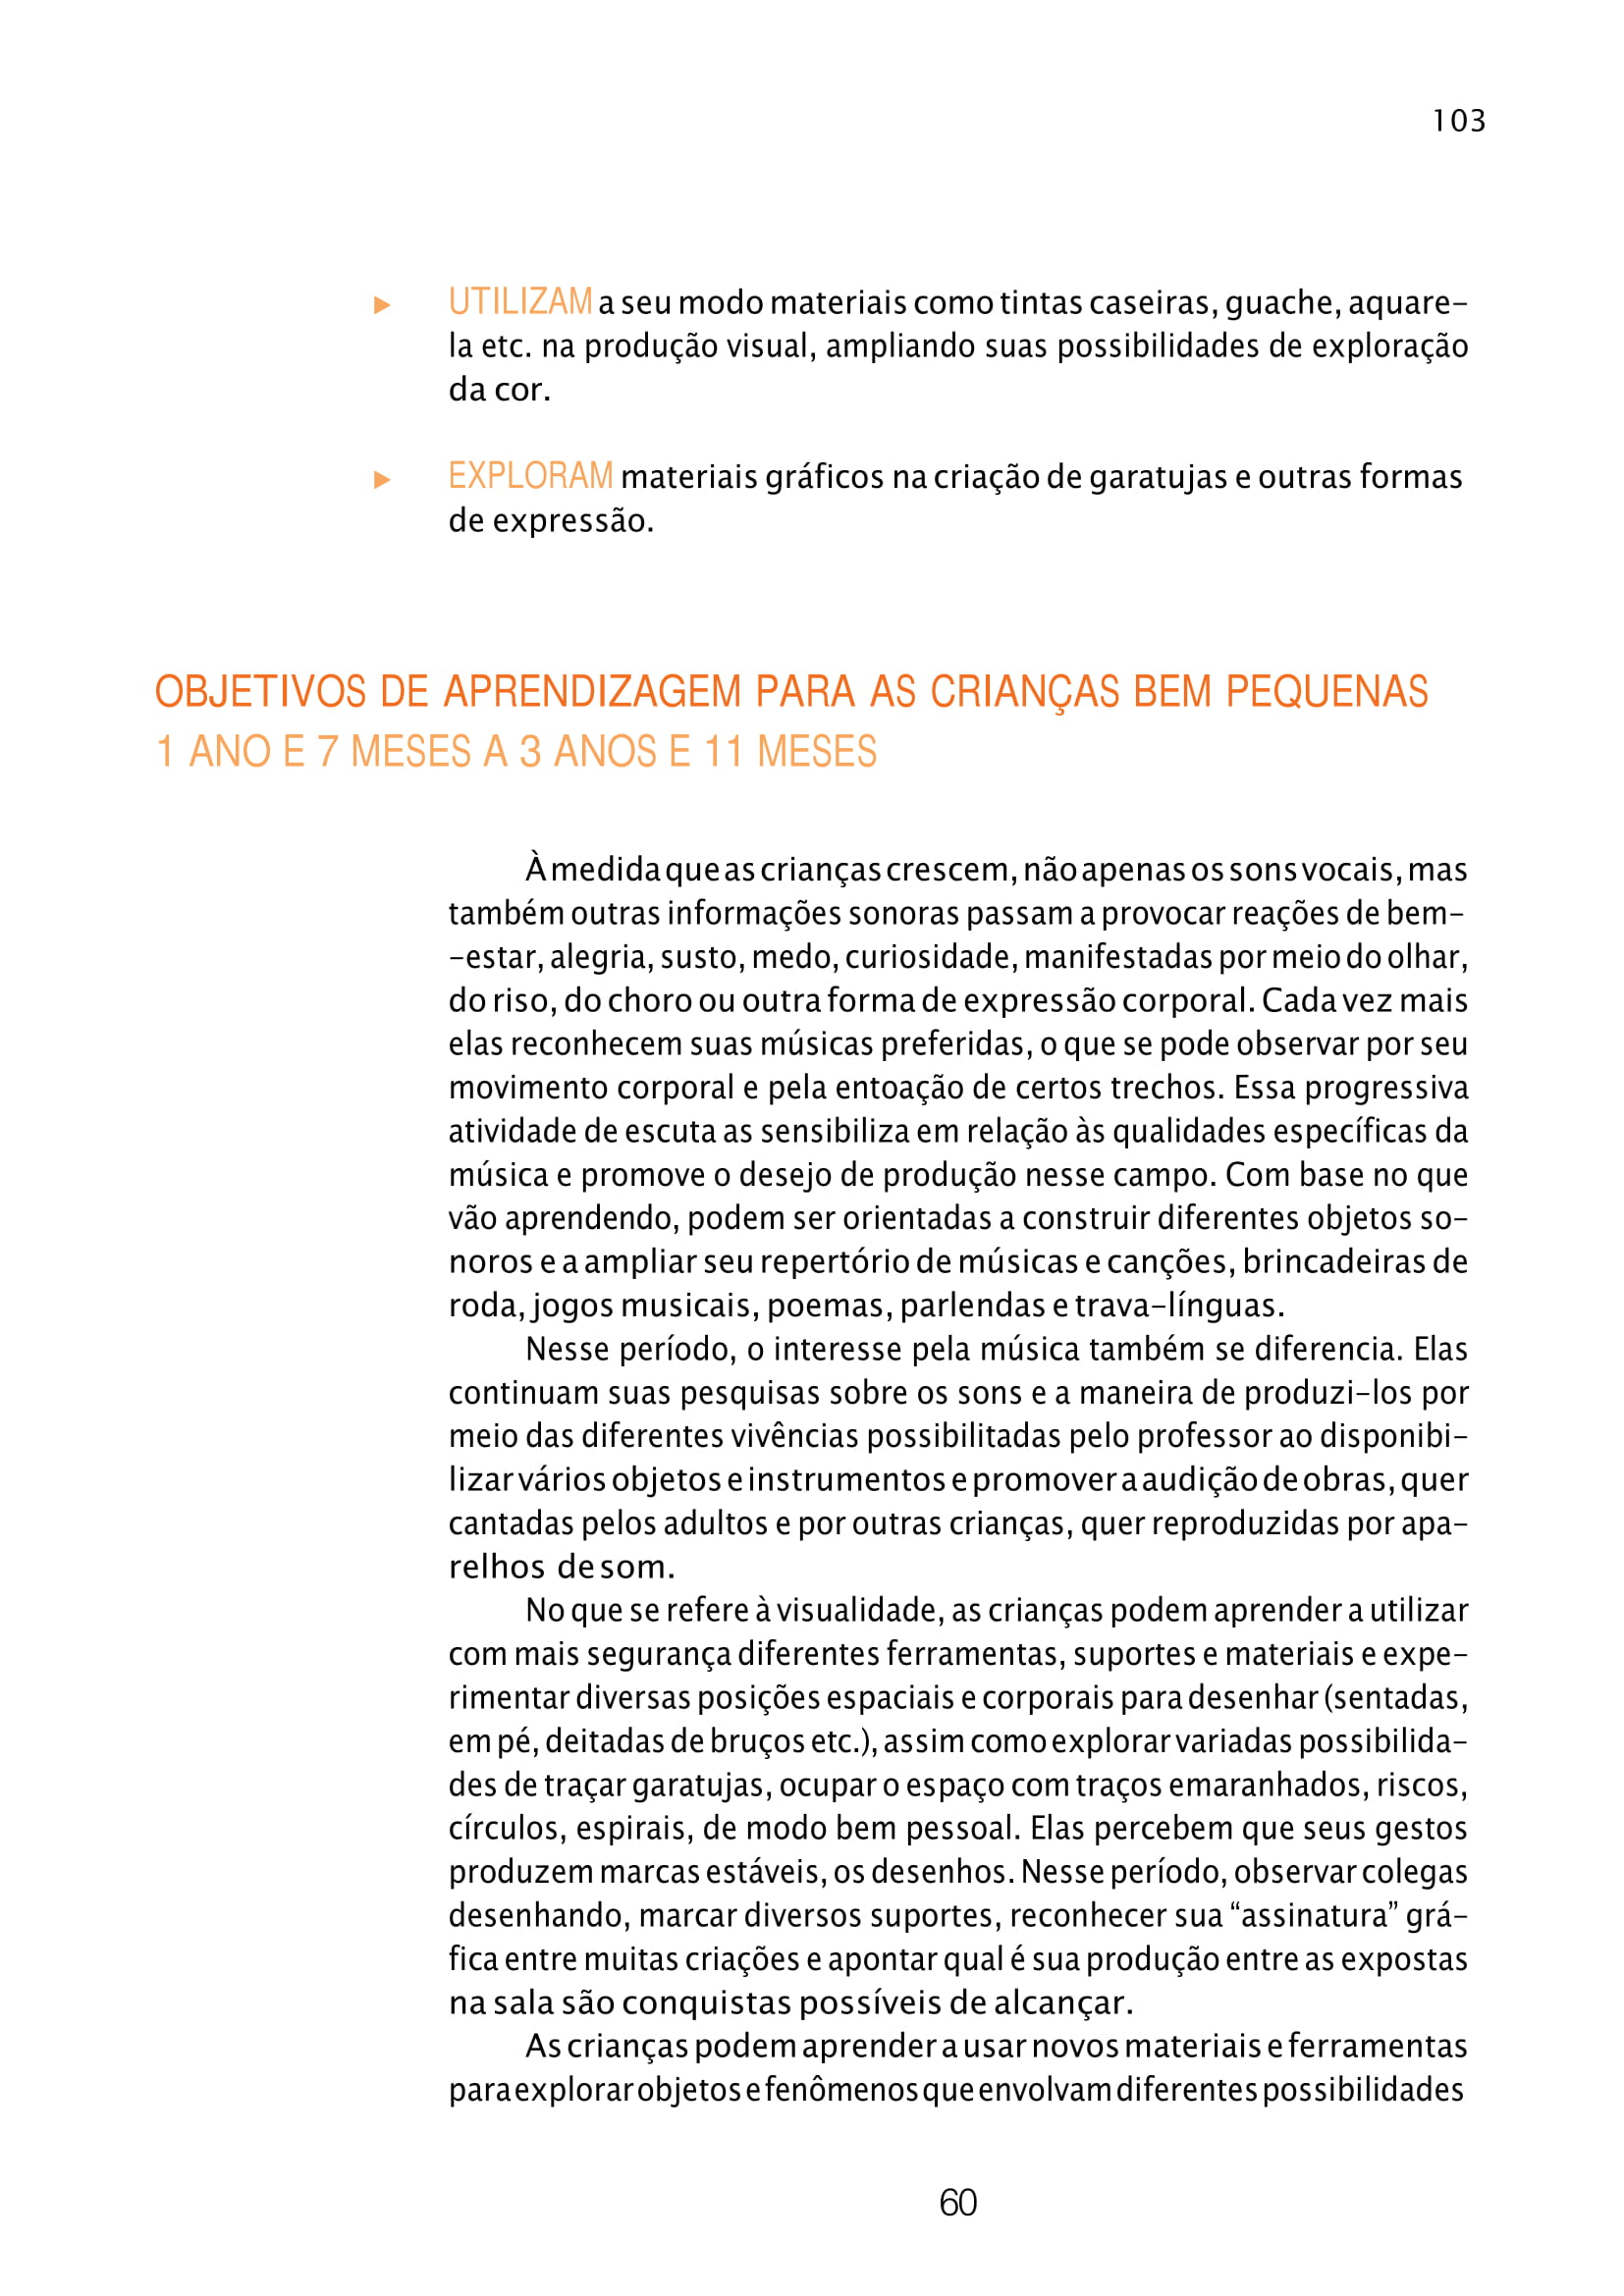 planejamento-educação-infantil-bncc-geral-133